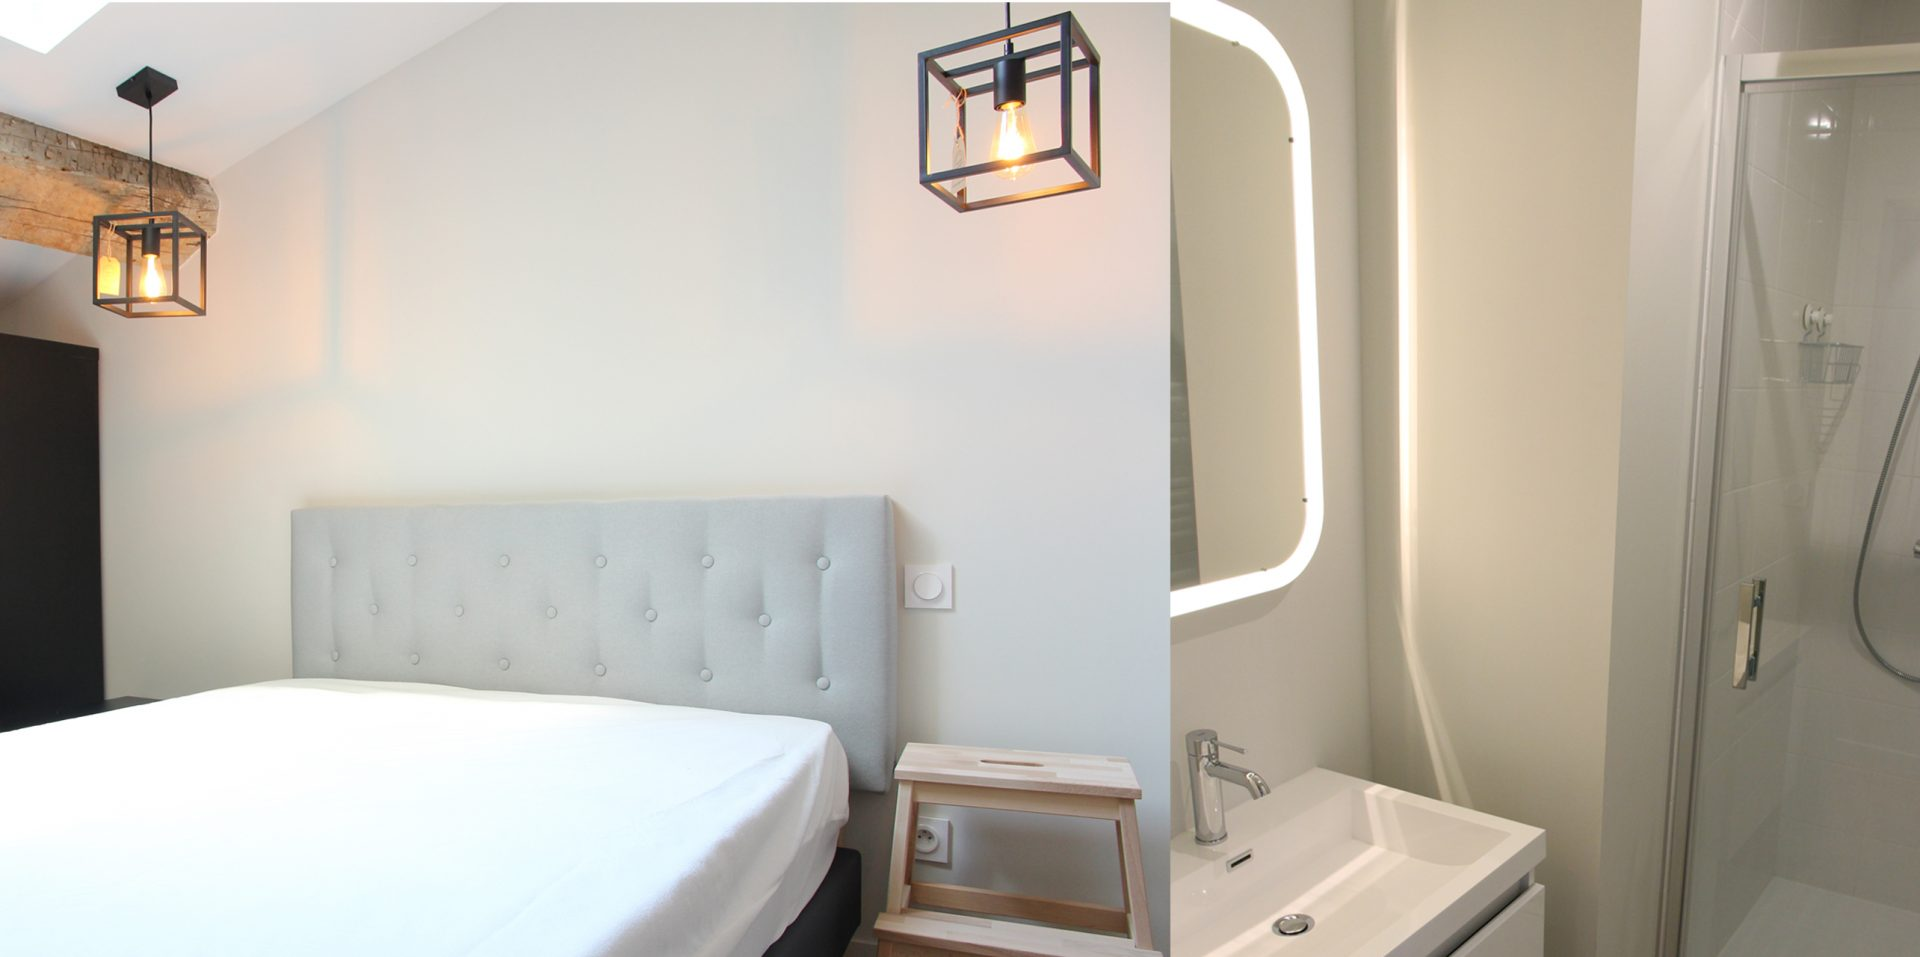 Aménagement de duplex pour du locatif duplex 2 chambre salle de bain